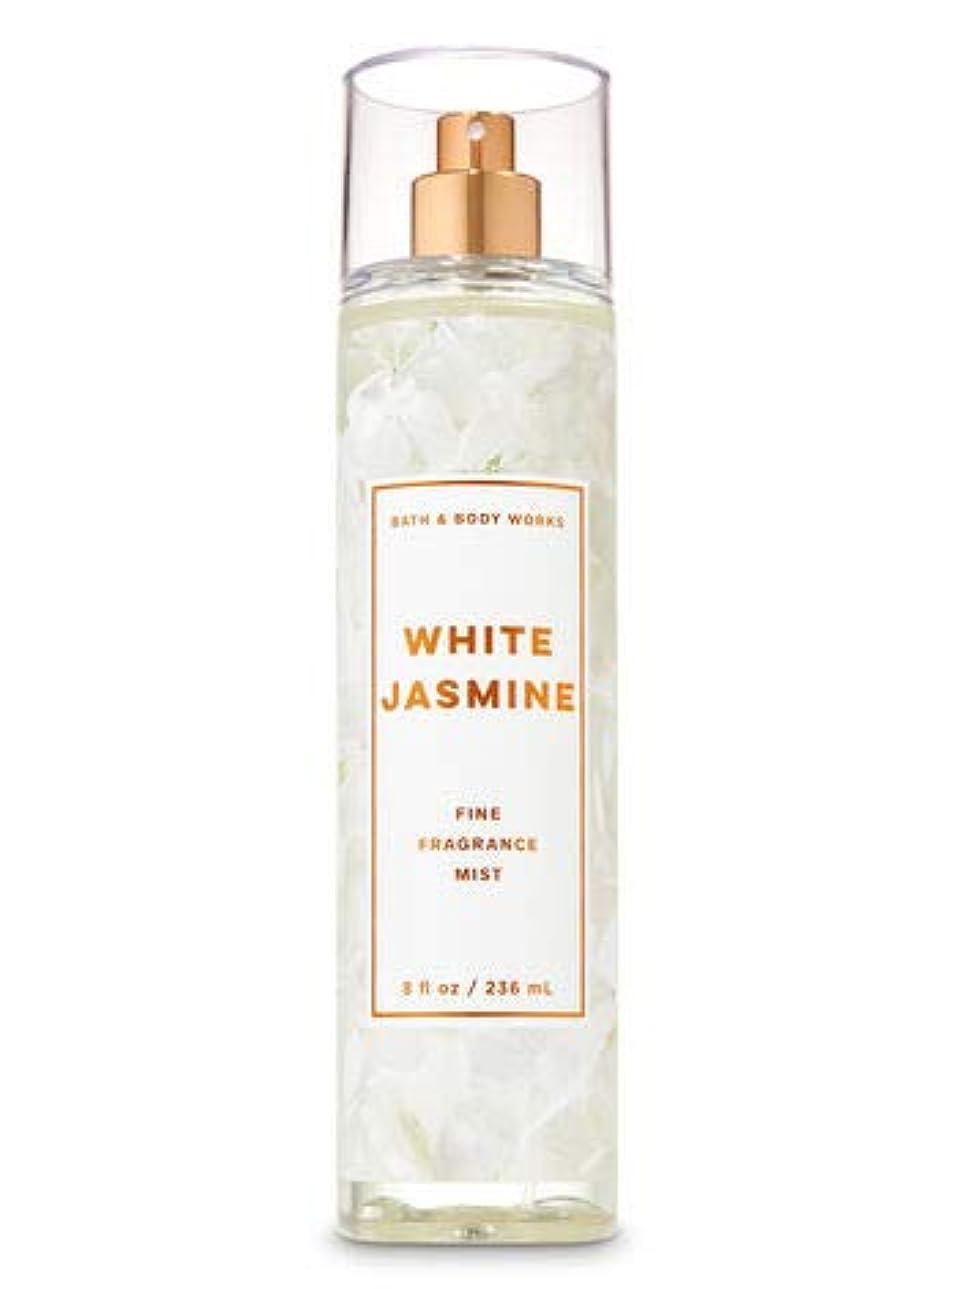 困惑腸ペット【Bath&Body Works/バス&ボディワークス】 ファインフレグランスミスト ホワイトジャスミン Fine Fragrance Mist White Jasmine 8oz (236ml) [並行輸入品]